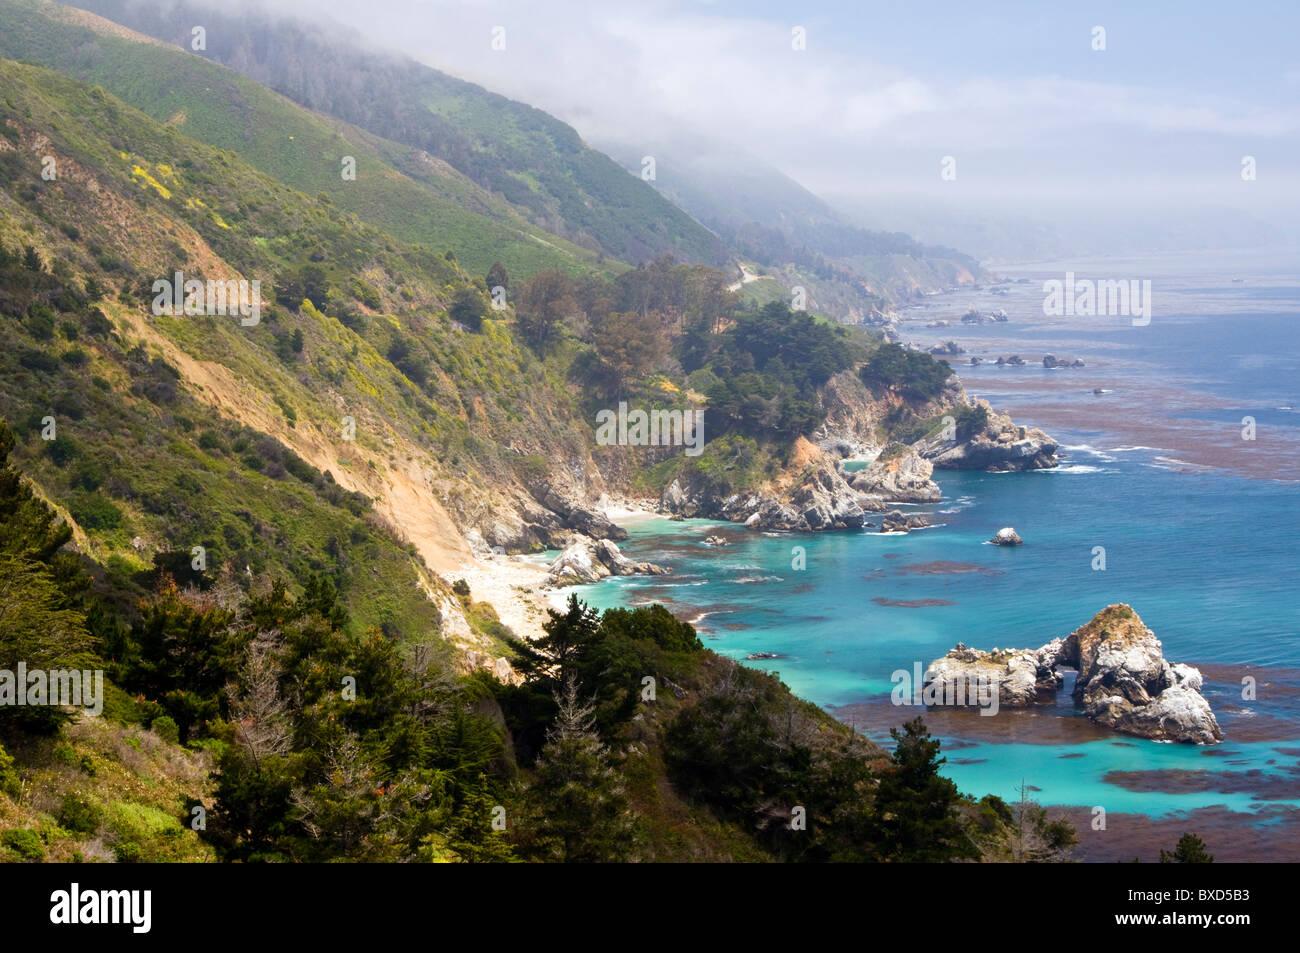 Mirando al sur por la famosa costa de Big Sur, en California de la histórica y pintoresca autopista 1. Foto de stock